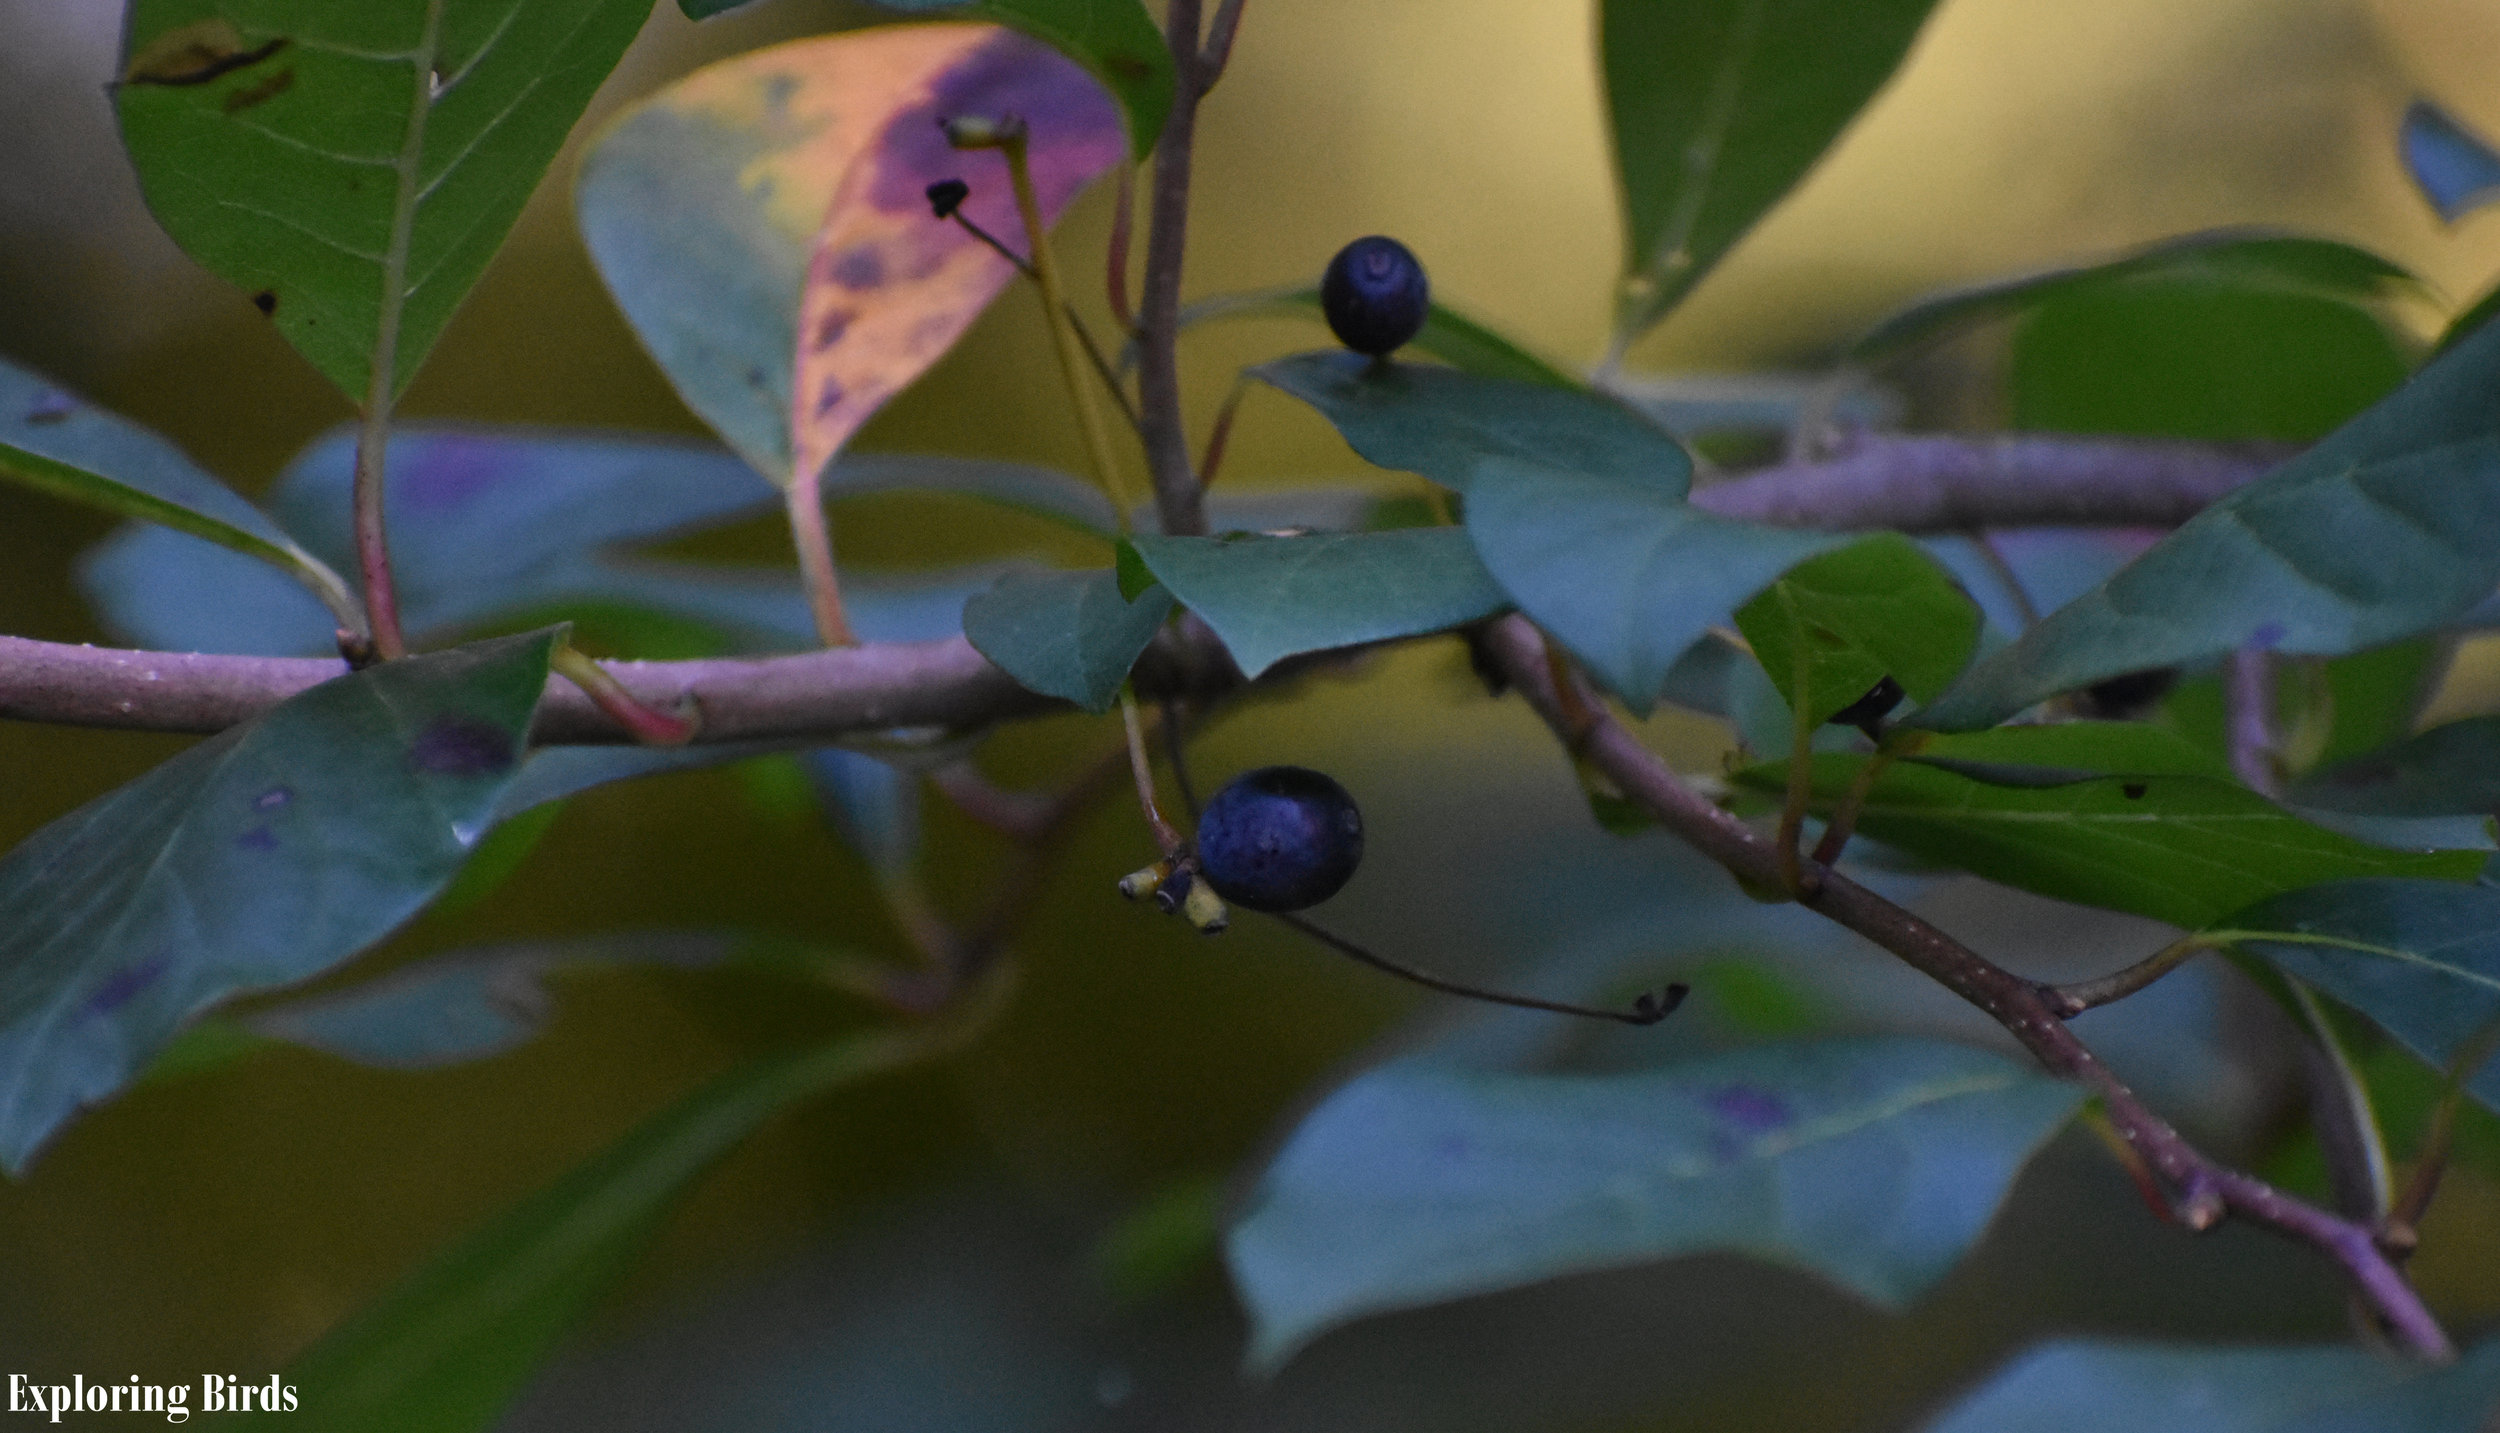 Blackgum berries attract birds